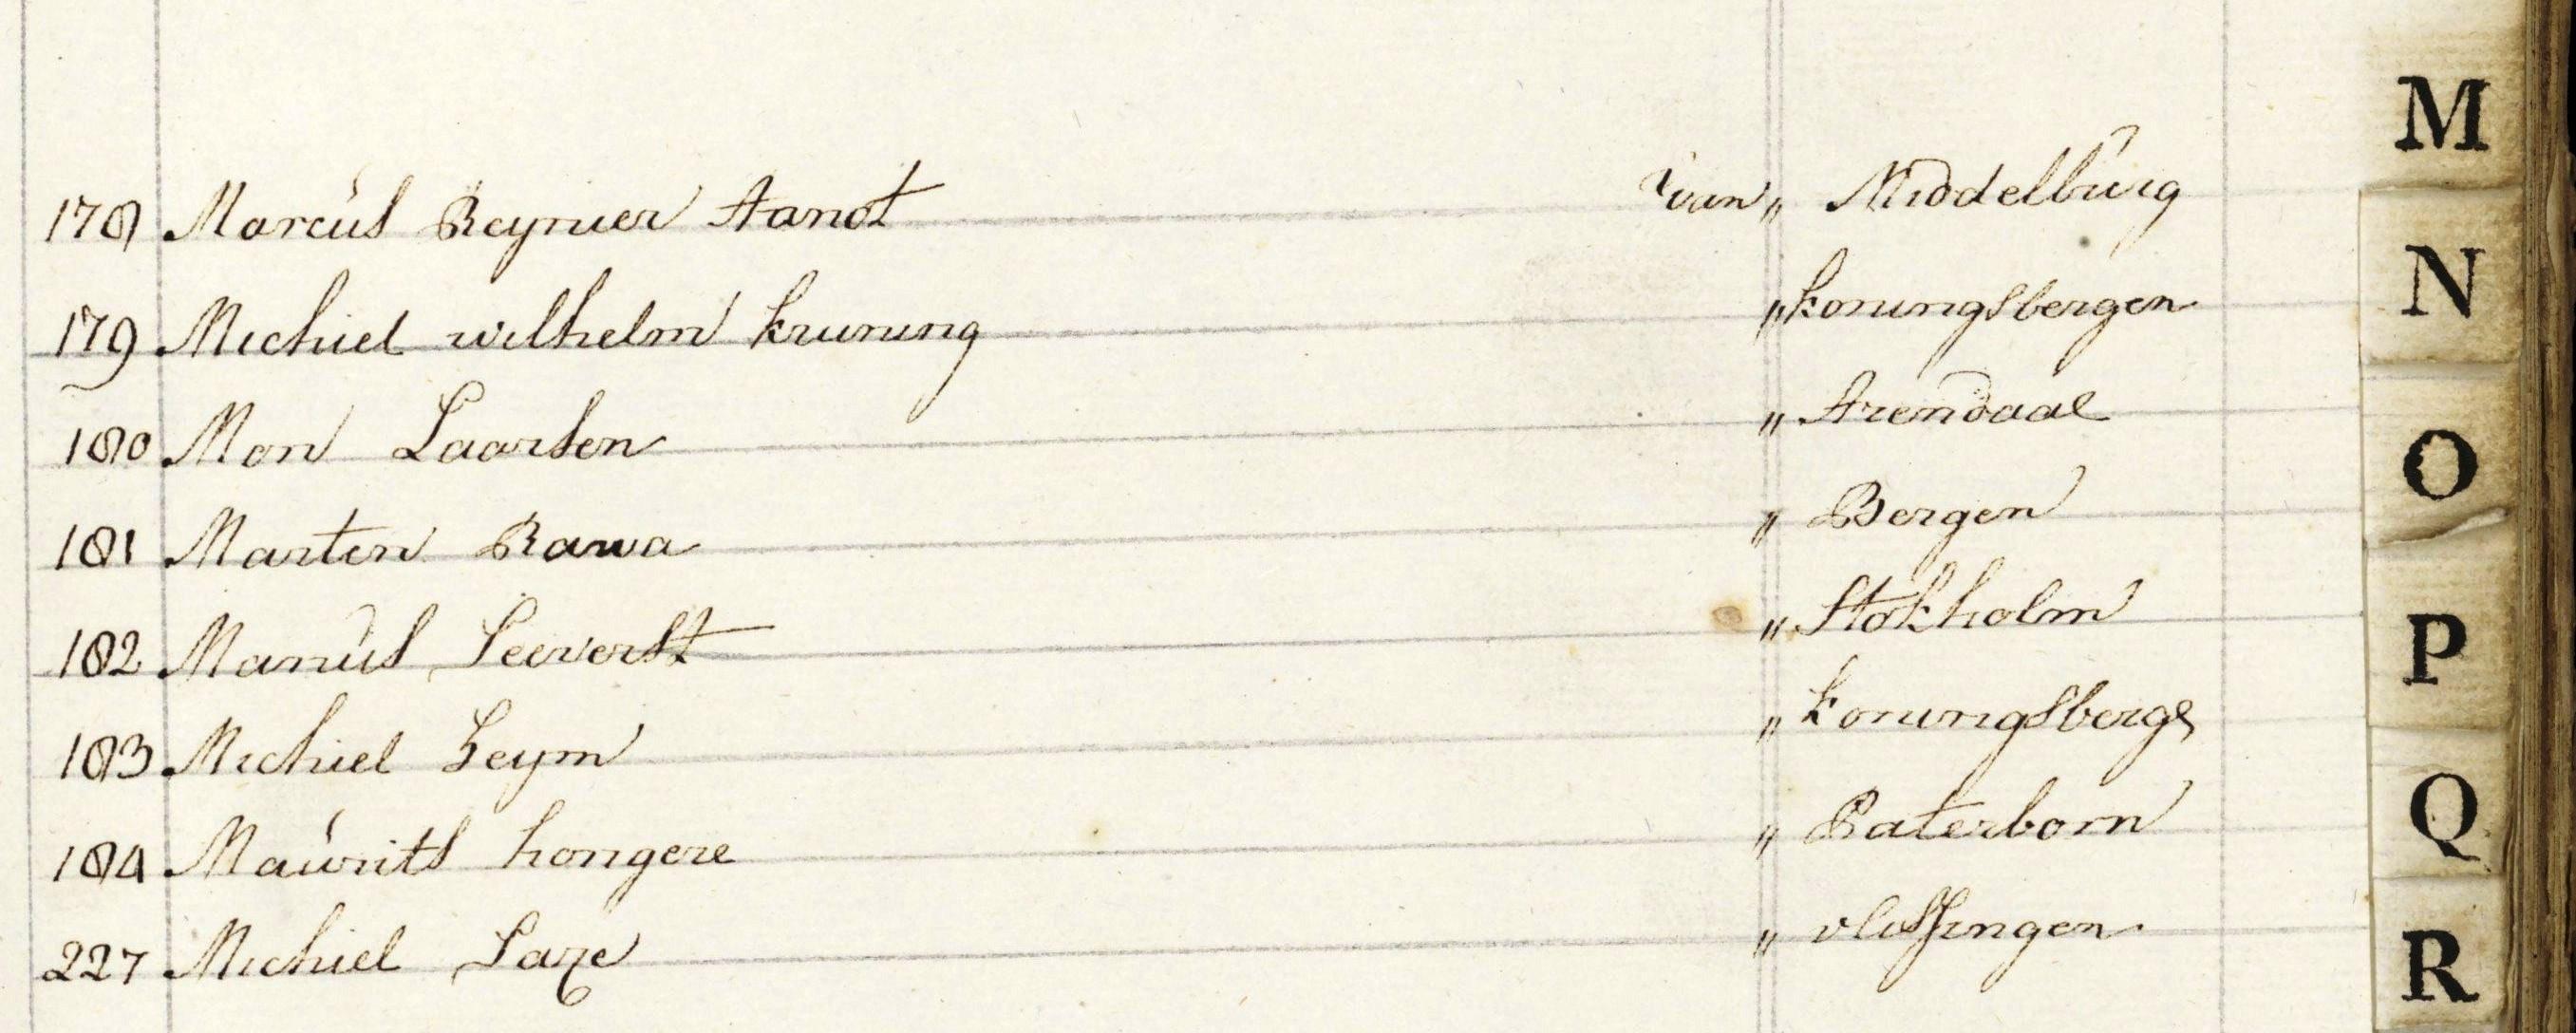 Maurits Hongere, Hauptbuchregister 1792